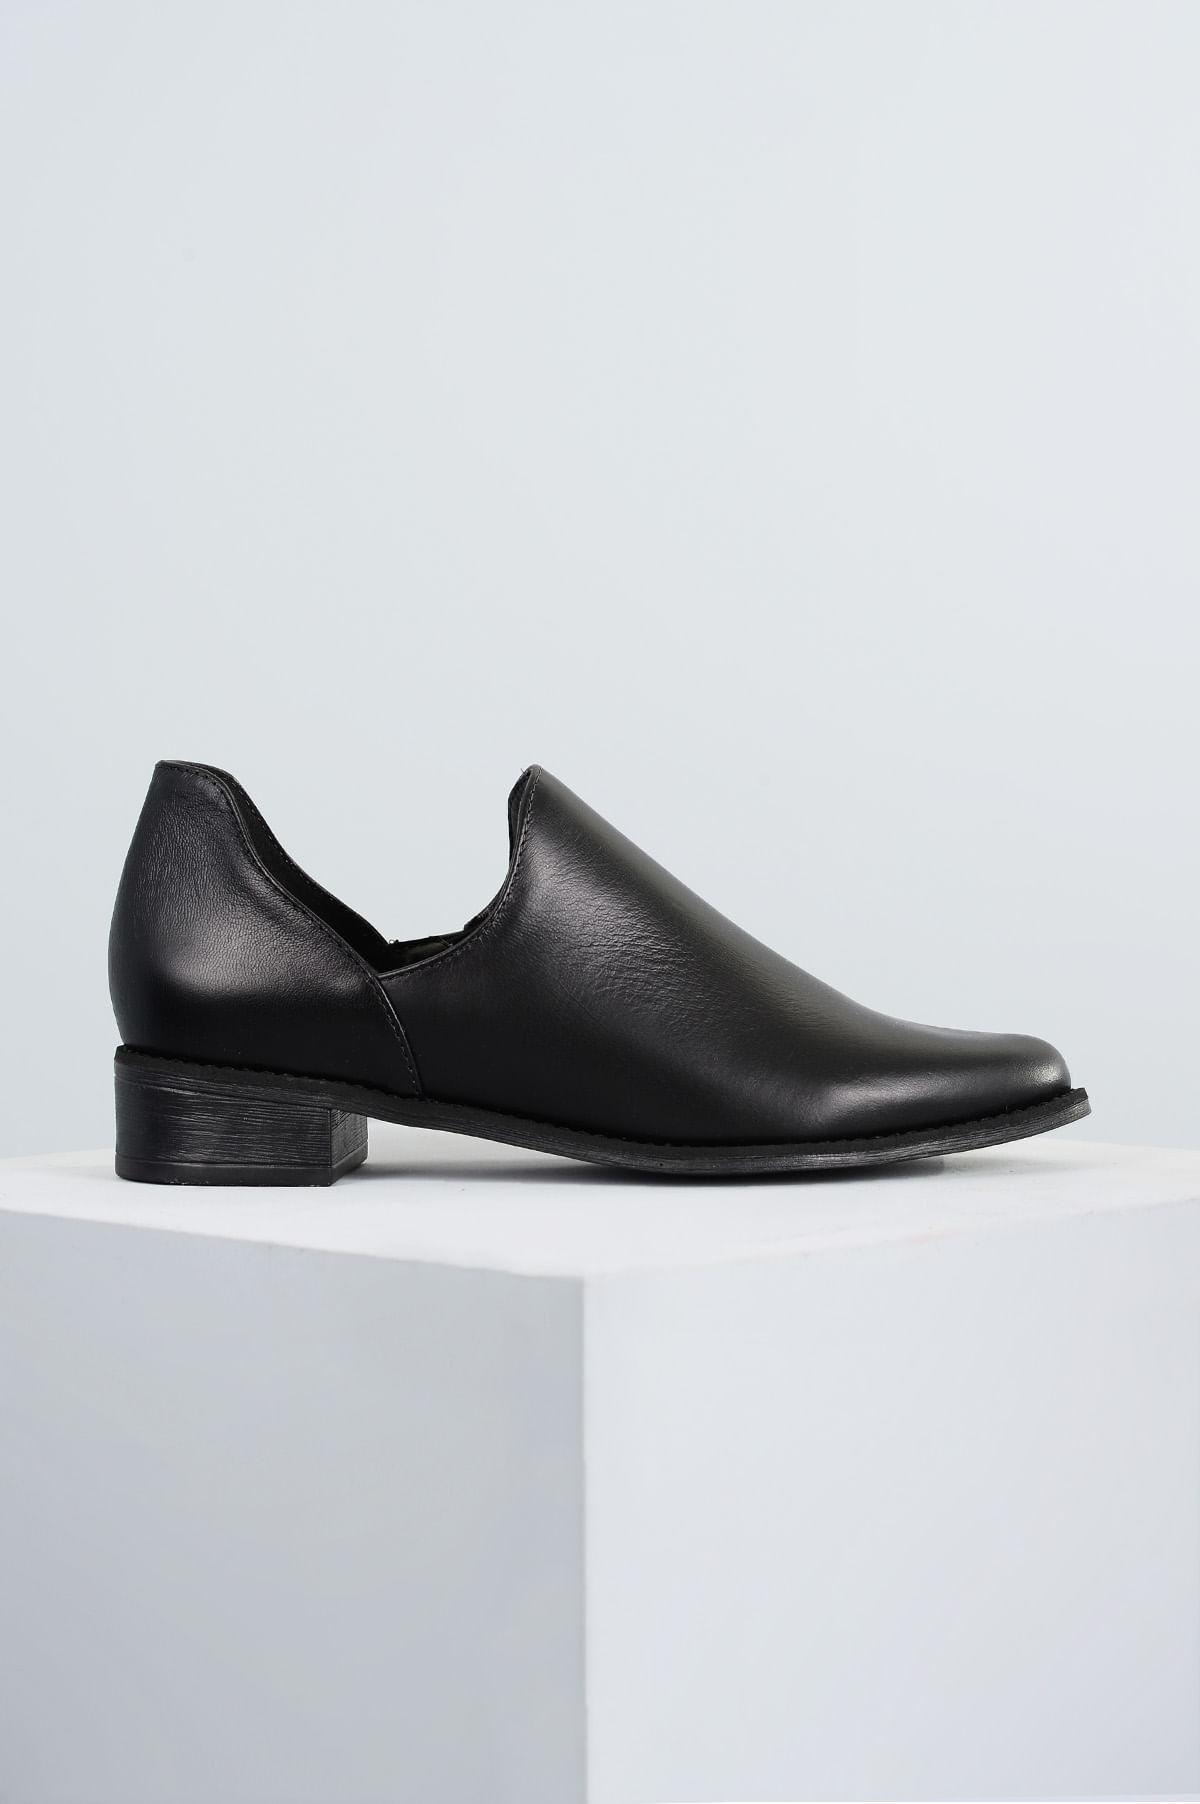 0902d8947 Sapato Slipper Diany Mundial   Mundial Calçados - Mundial Calçados